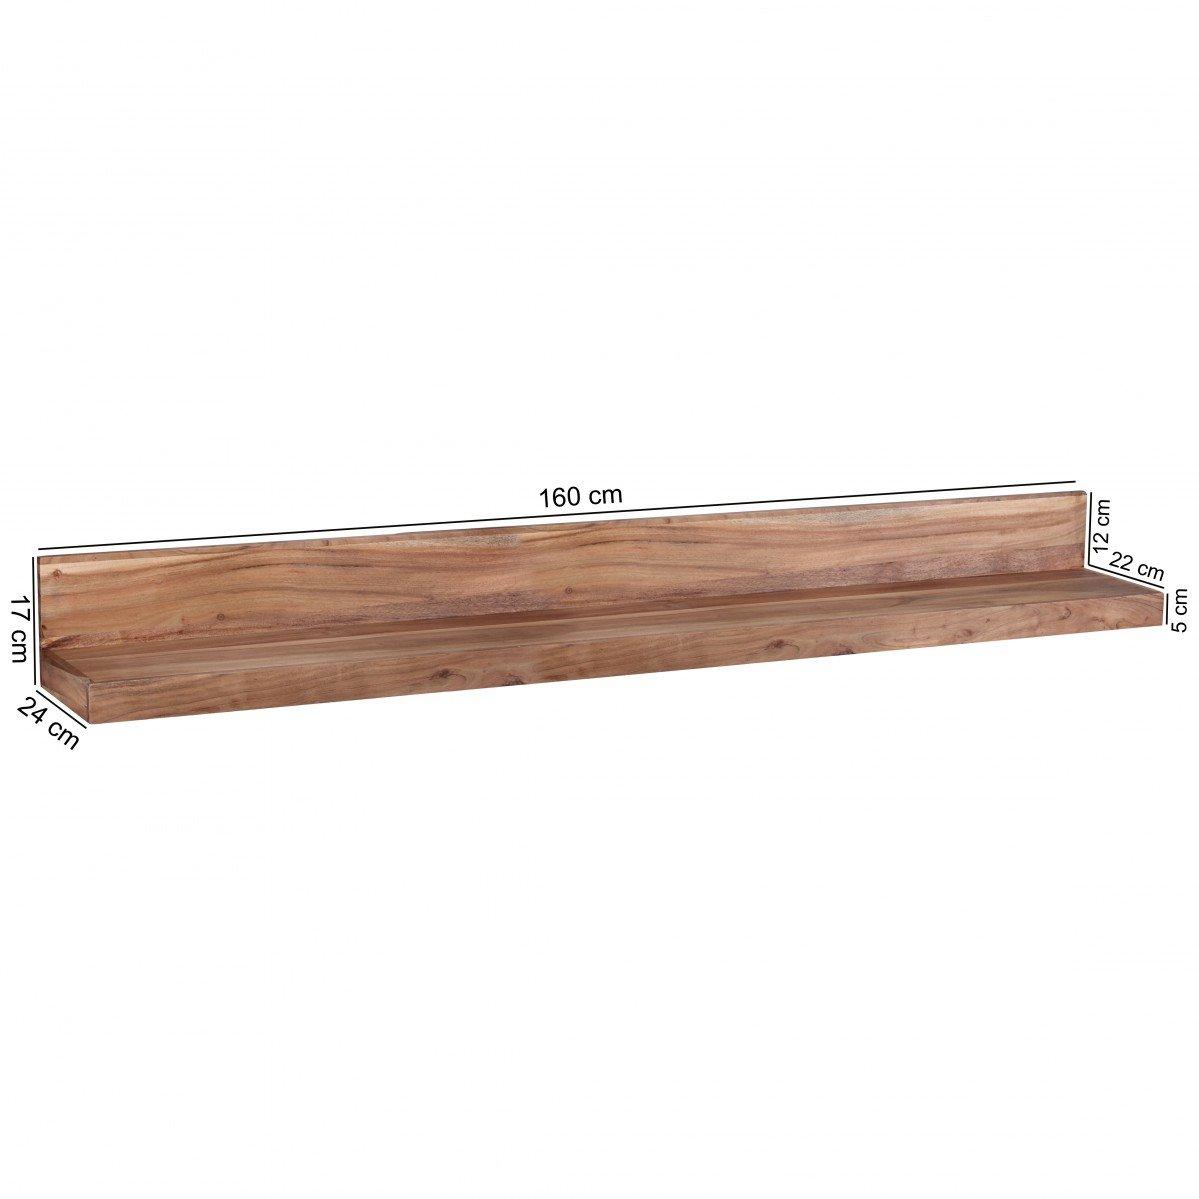 FineBuy Wandregal Massiv-Holz Akazie Holzregal 160 cm breit Landhaus-Stil H/änge-Regal Echt-Holz Wand-Board Natur-Produkt Wandkonsole dunkel-braun Brett unbehandelt Regale zum Aufh/ängen Unikat Ablage